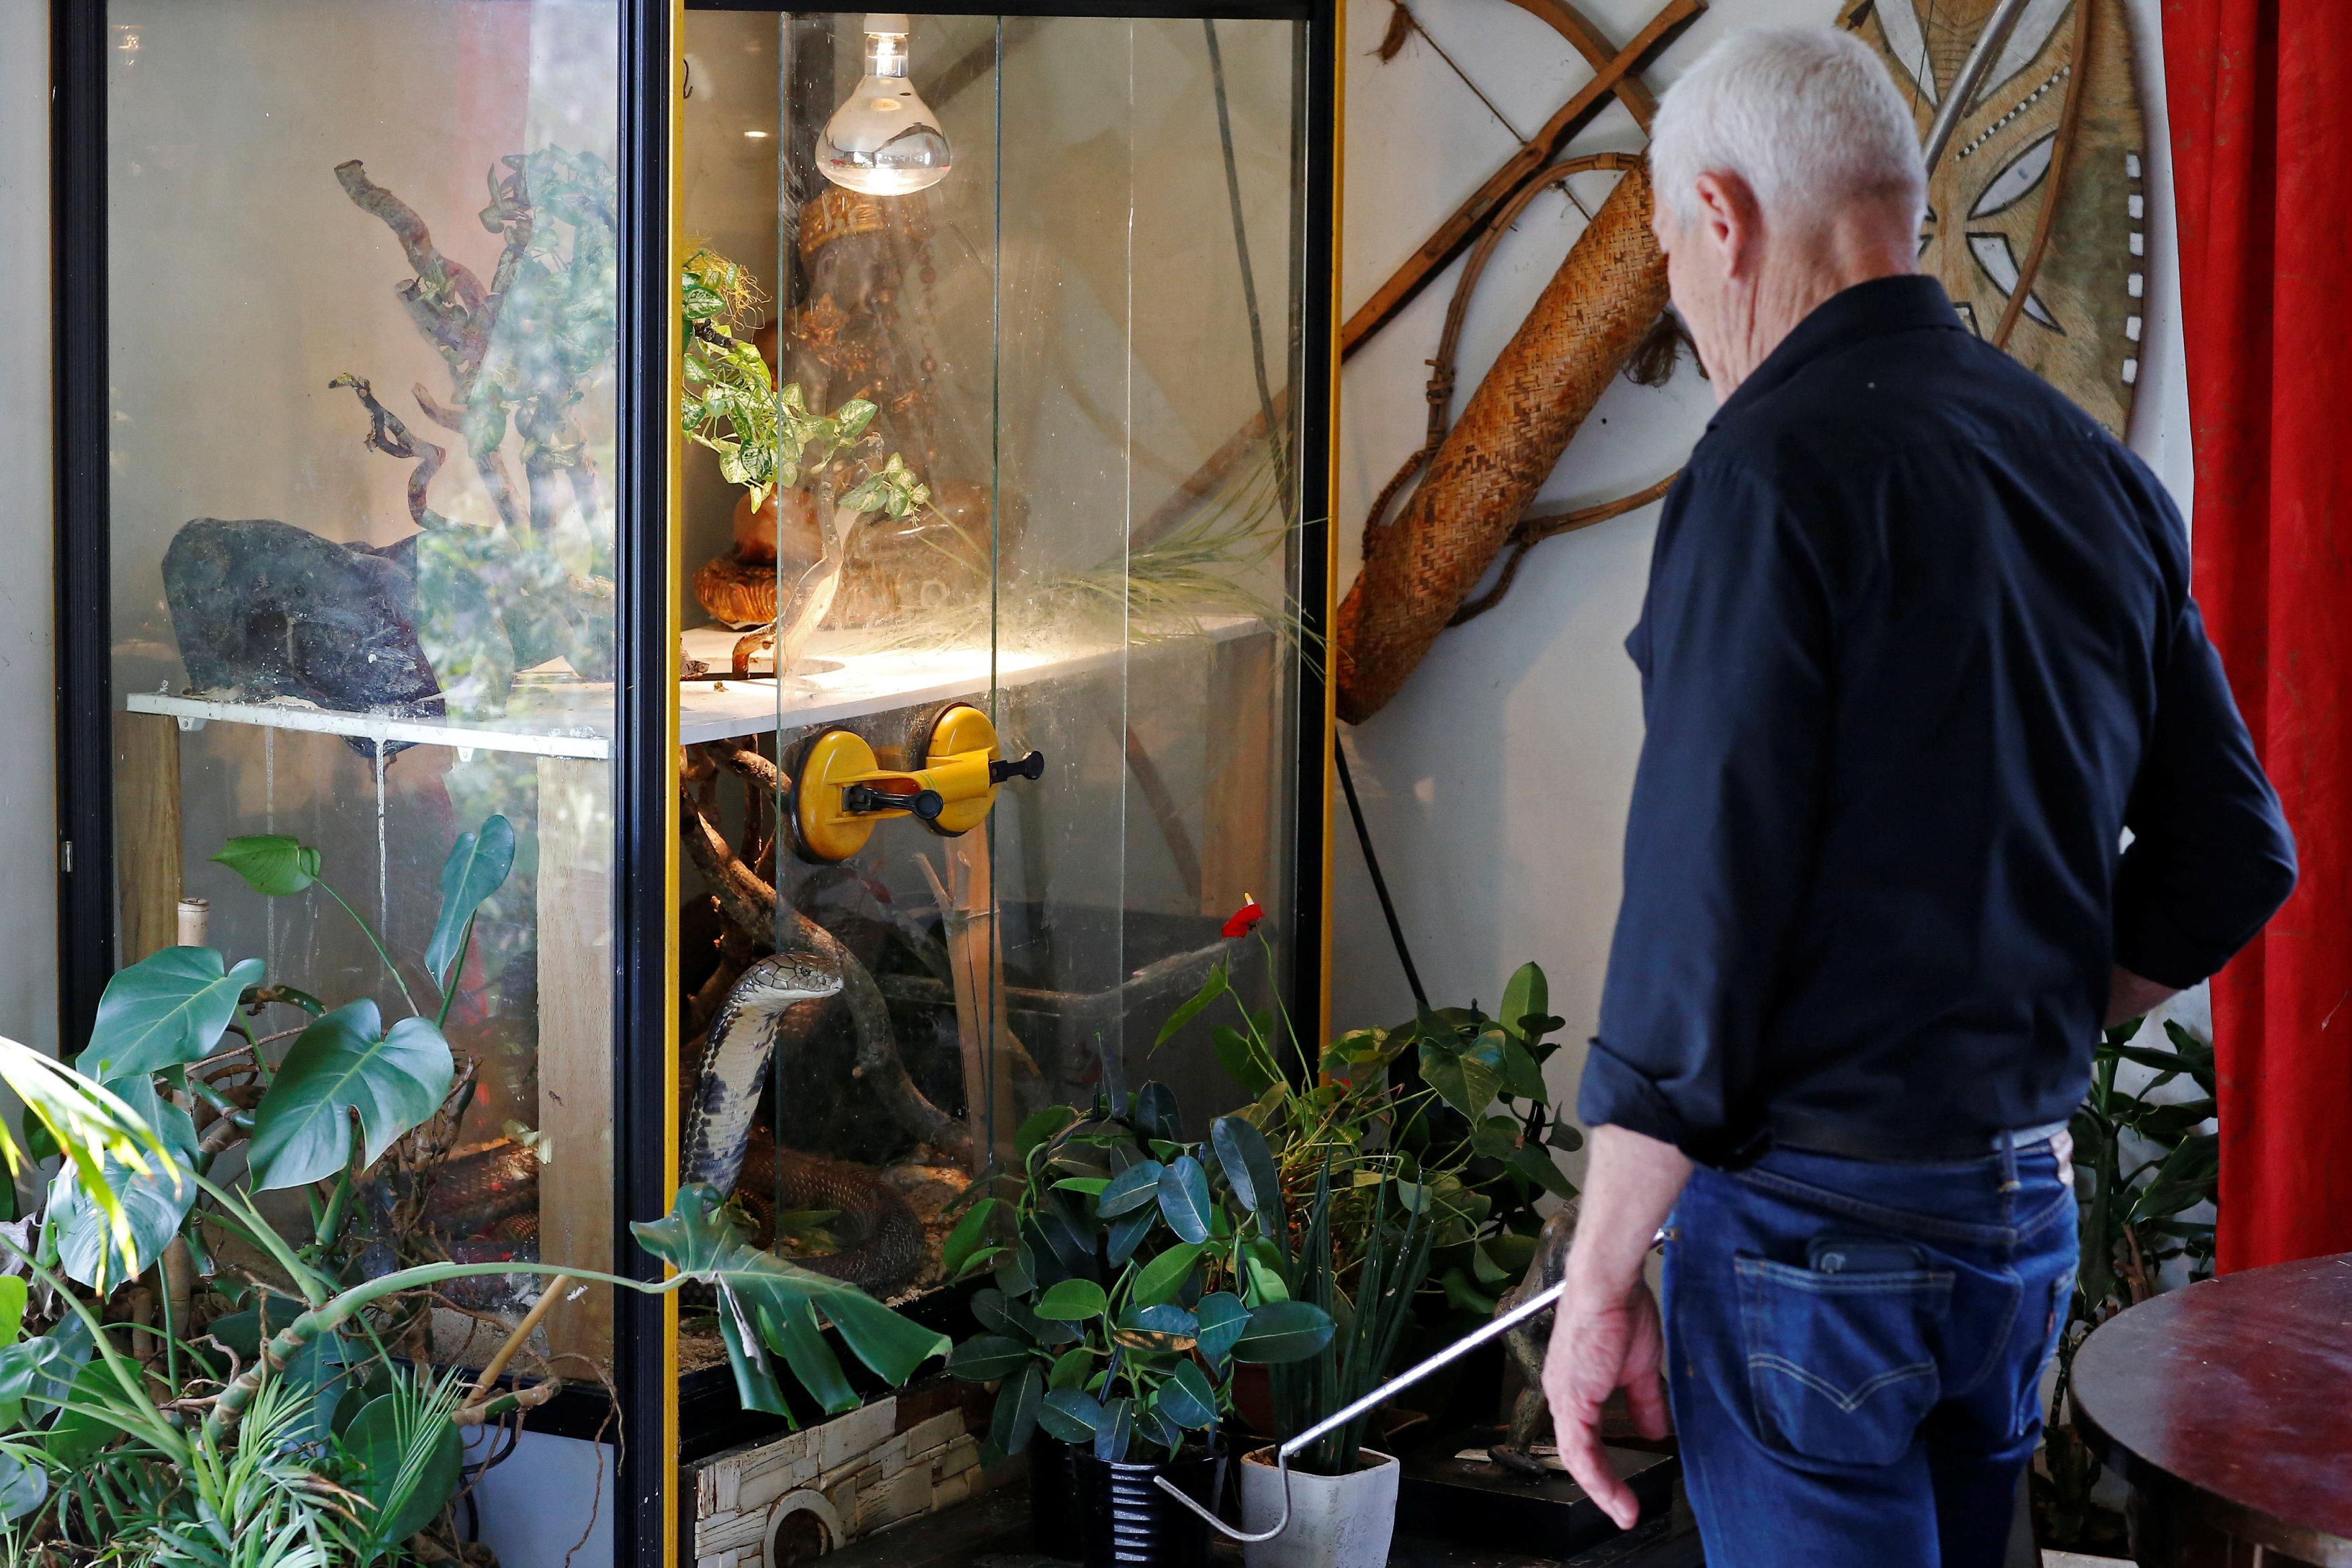 جيليت يتابع بعض الحيوانات التى يقتنيها فى منزله